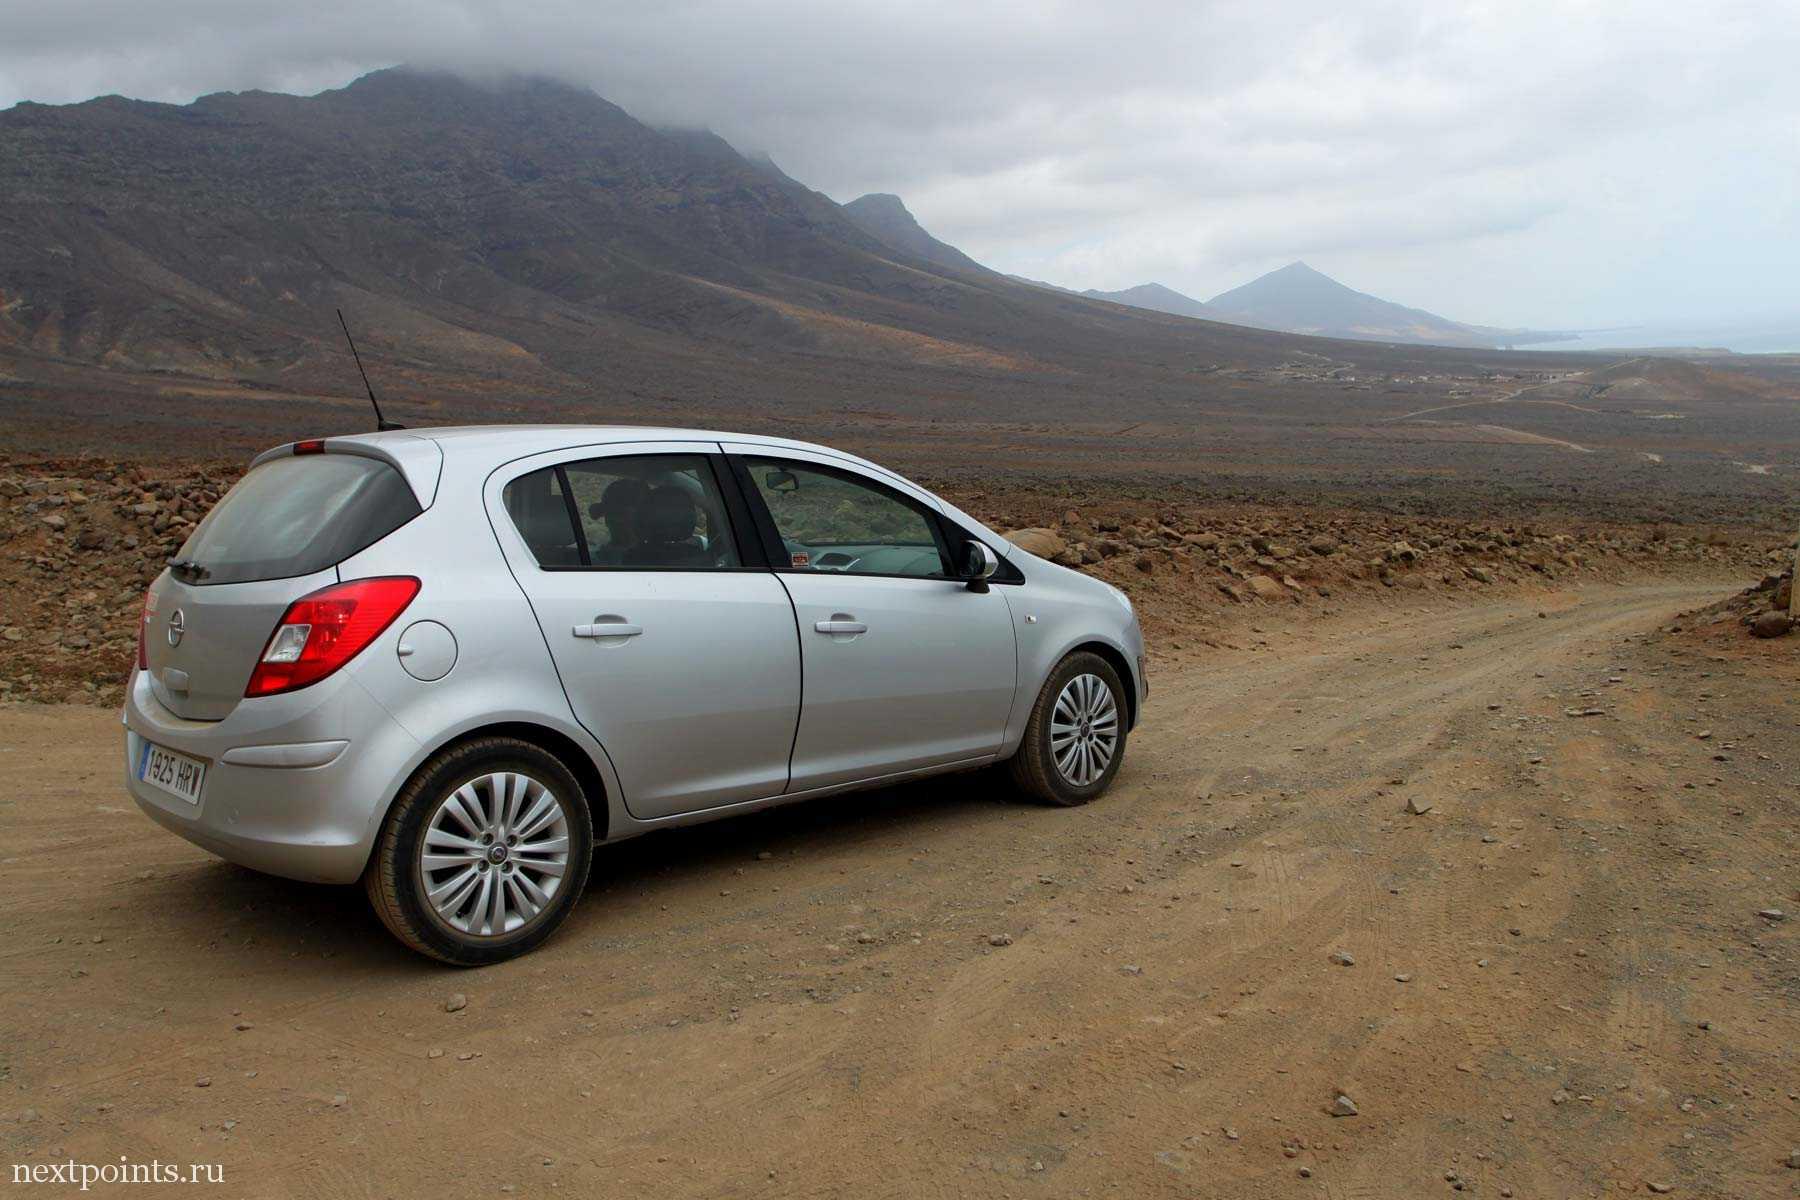 Opel Corsa на Фуэртевентуре